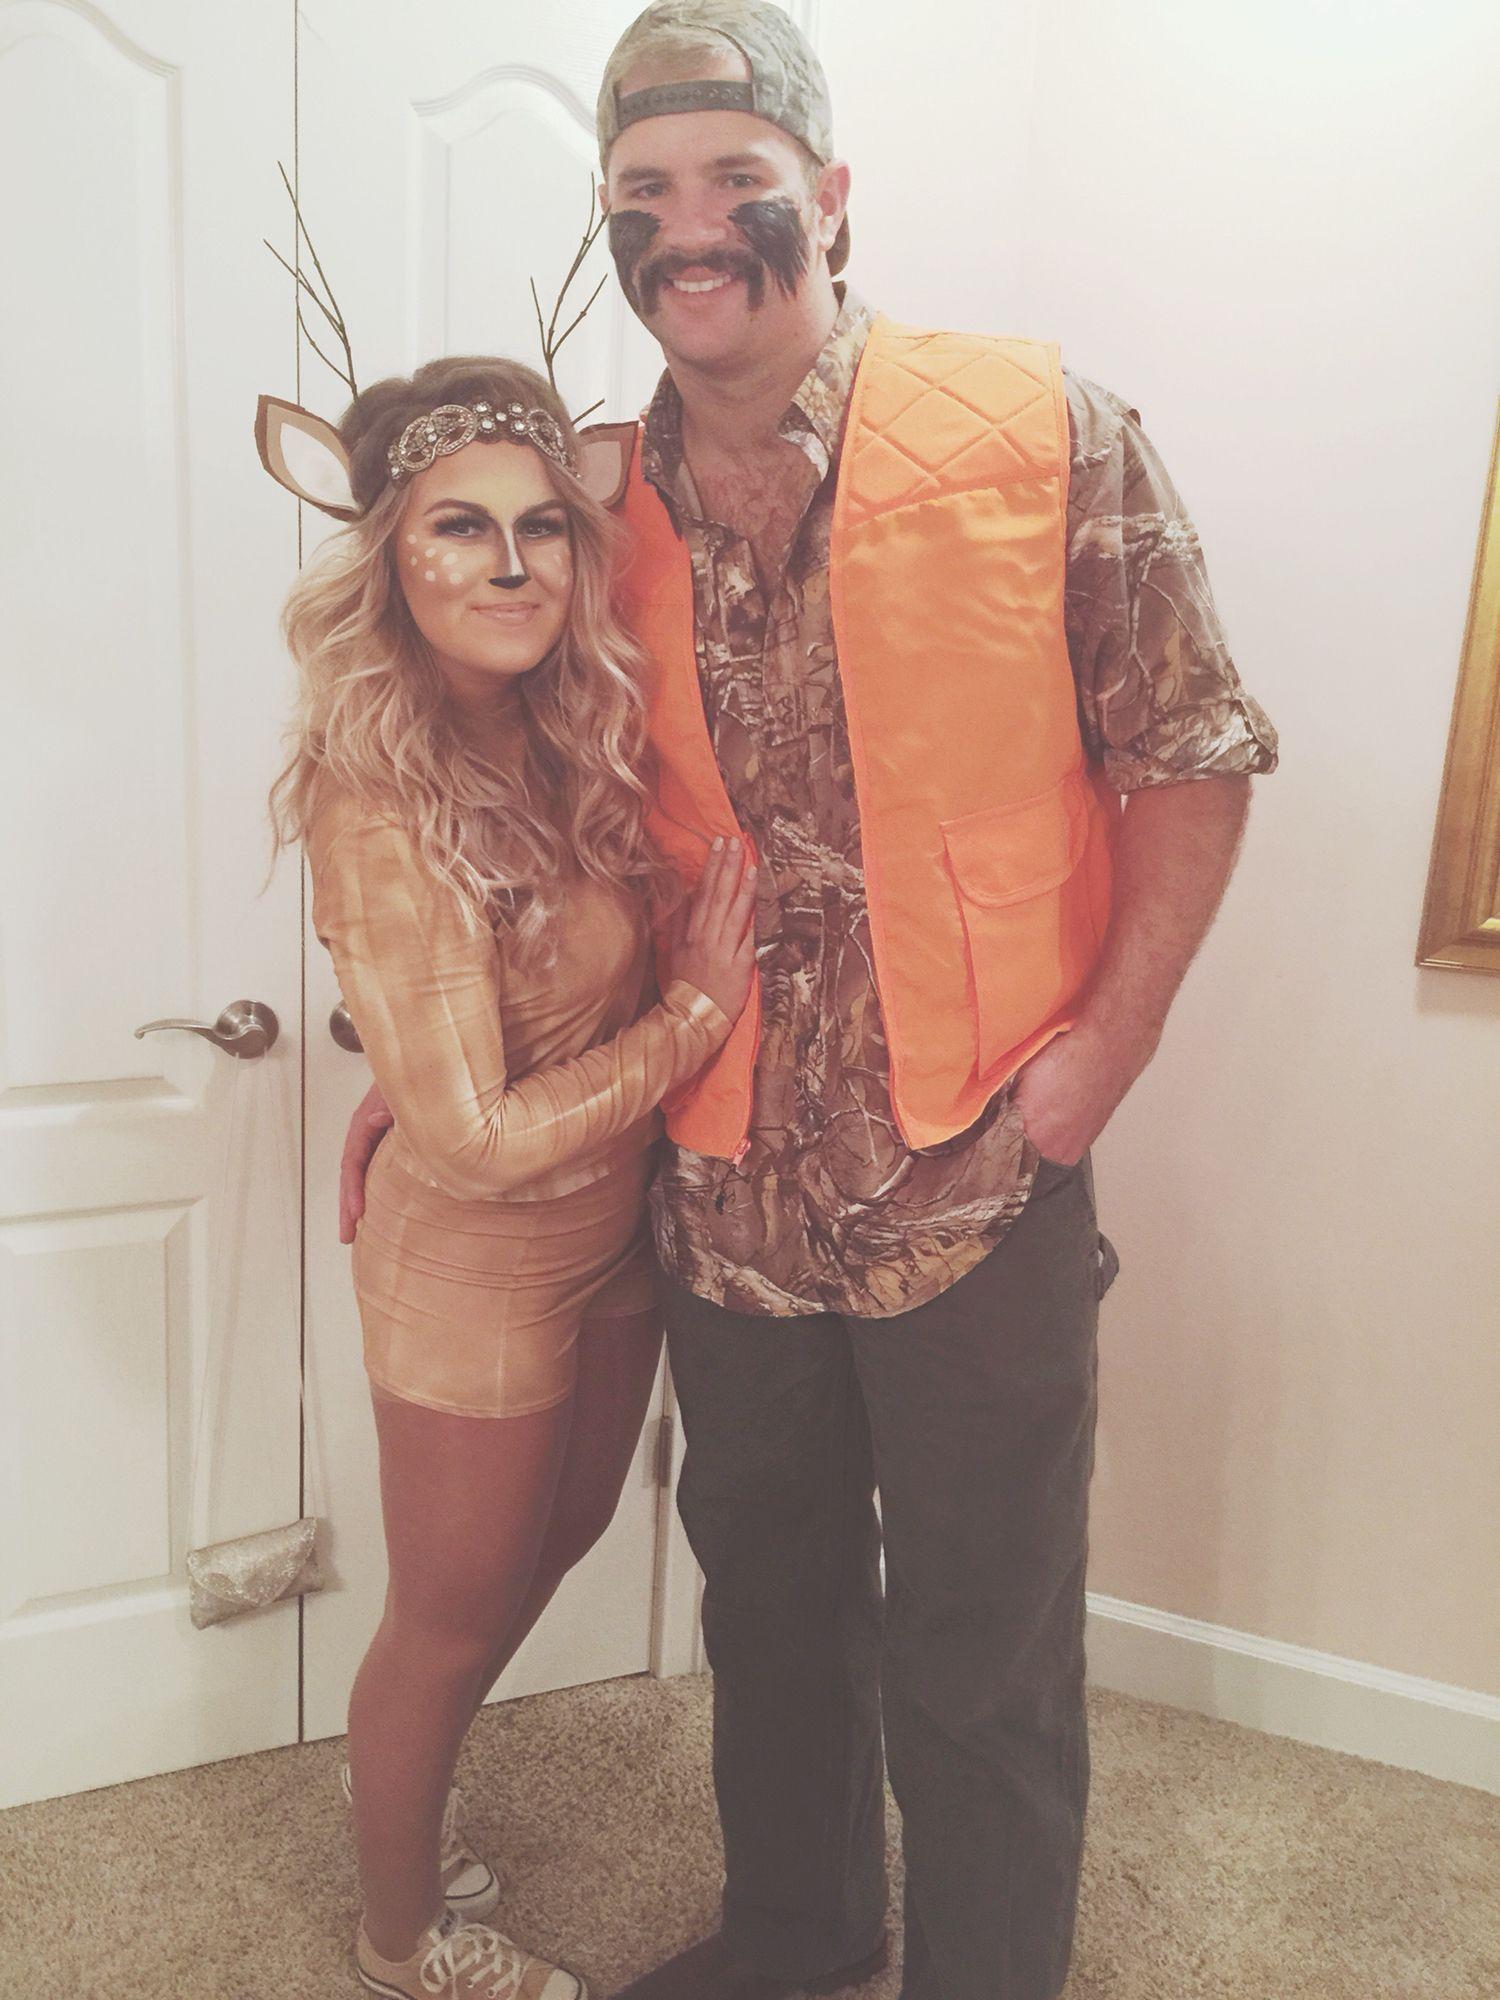 Diy Deer And Hunter Halloween Costume Halloween Costumes Diy Couples Celebrity Couple Costumes Couple Halloween